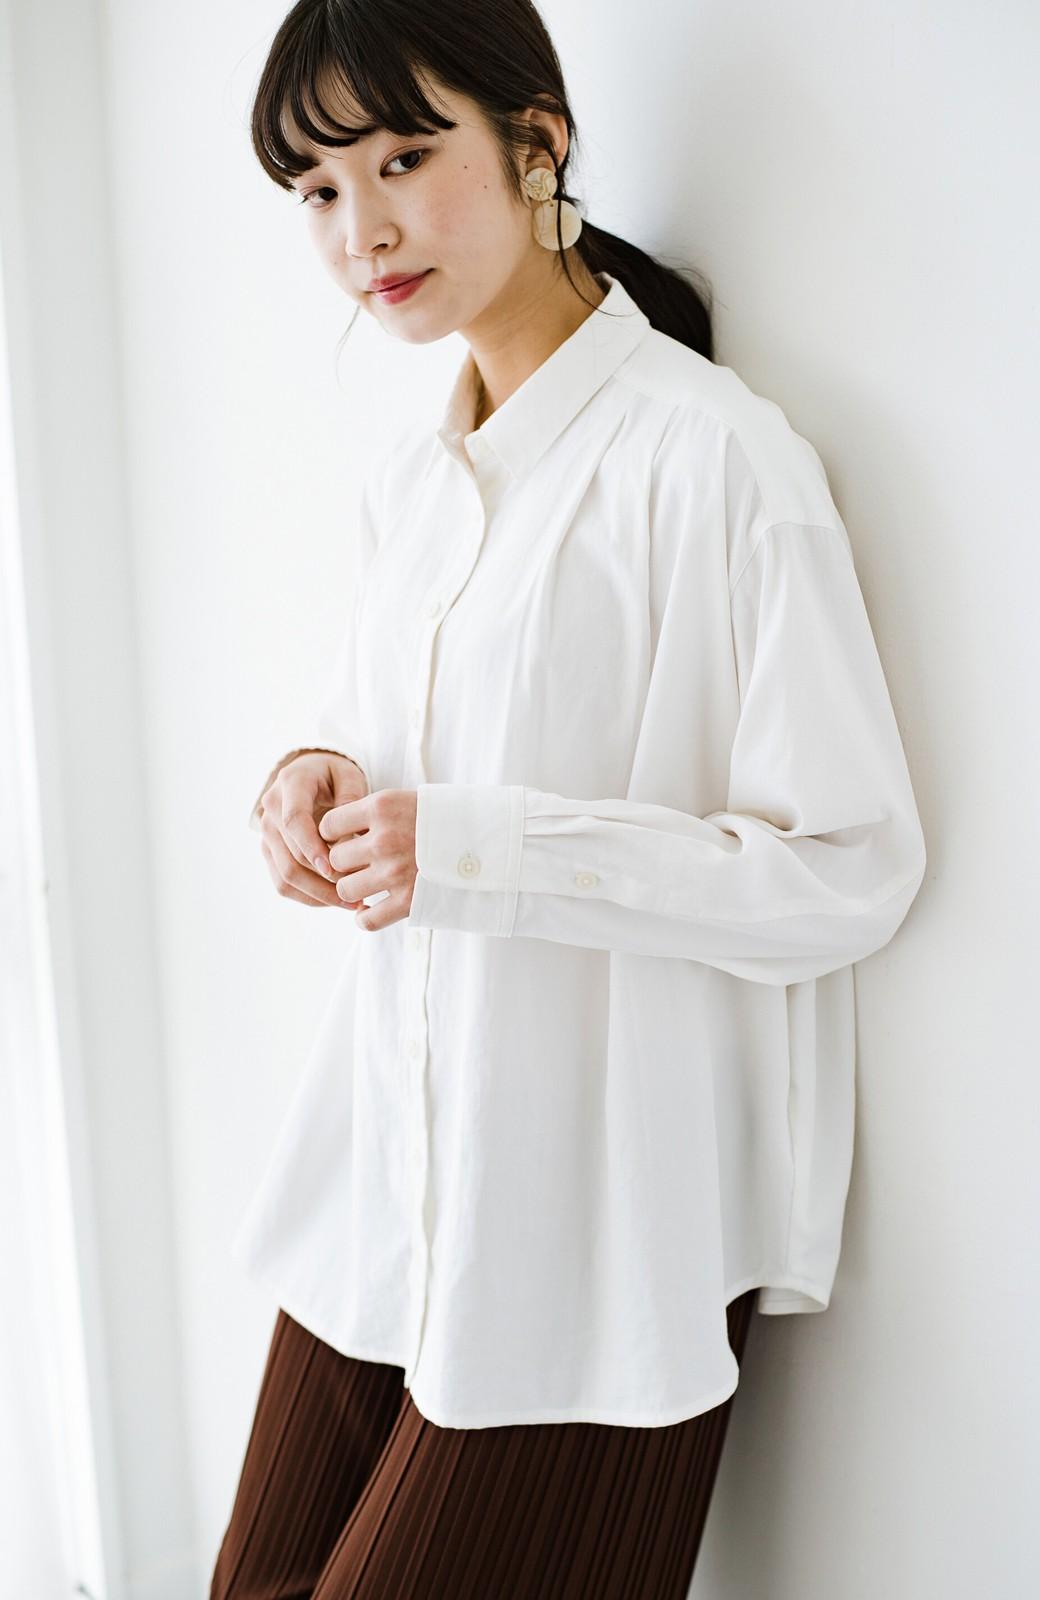 haco! ニットとのこなれた重ね着が簡単にできる!なめらか素材でつくった大人のためのシンプルシャツ <ホワイト>の商品写真1